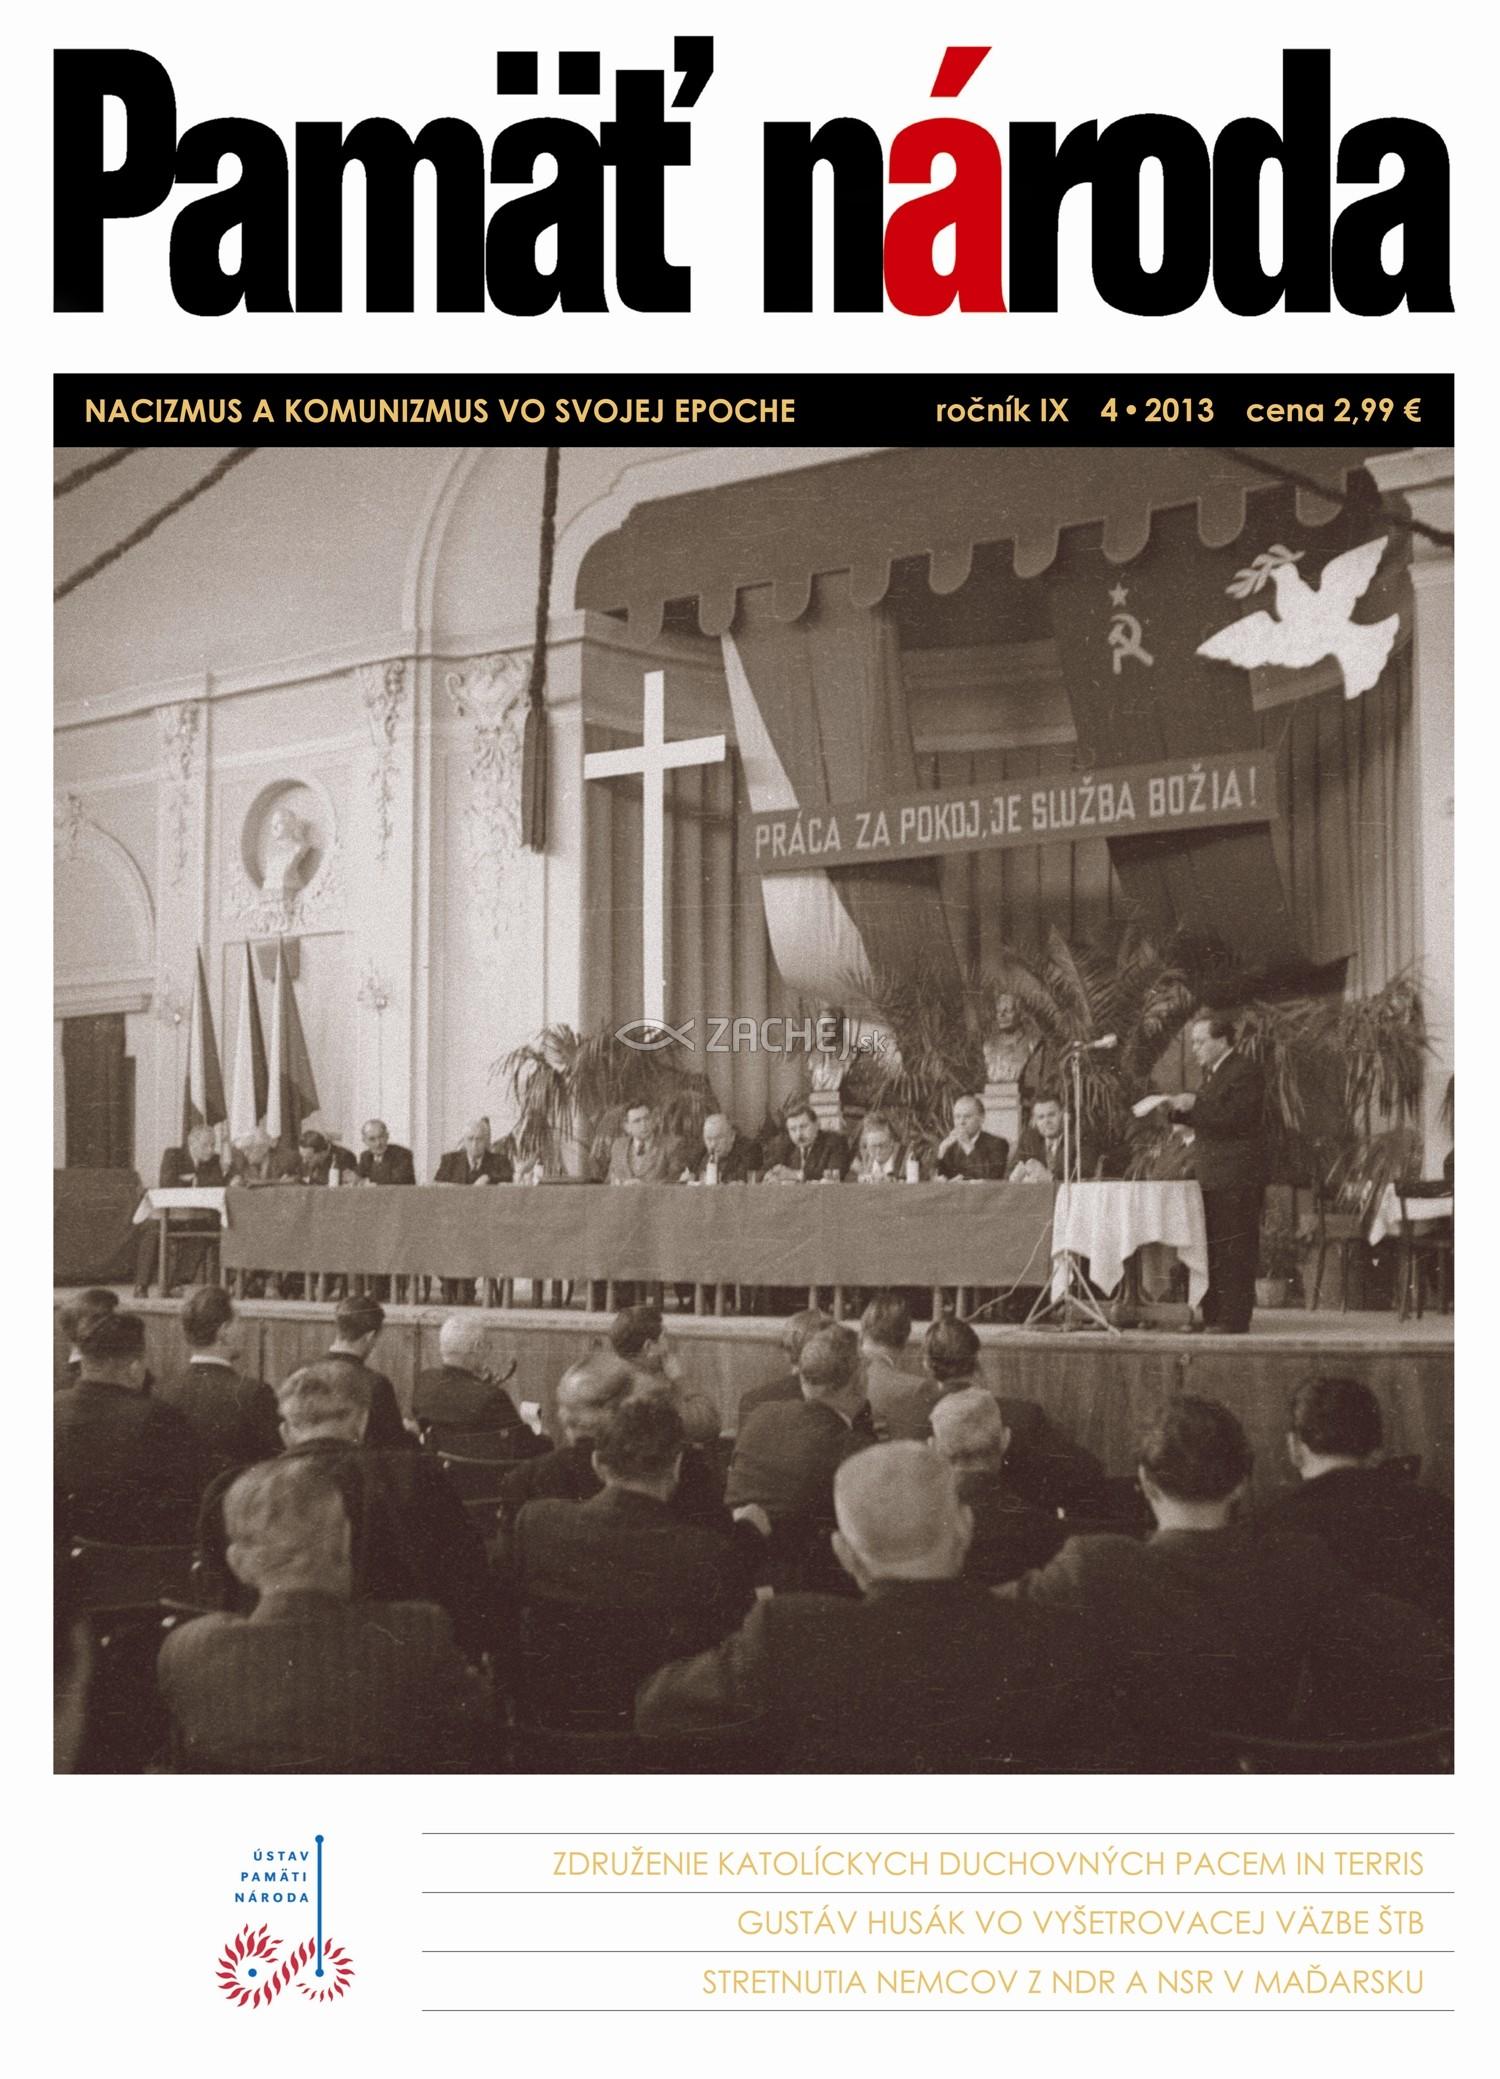 Časopis Pamäť národa 4/2013 - Nacizmus a komunizmus vo svojej epoche